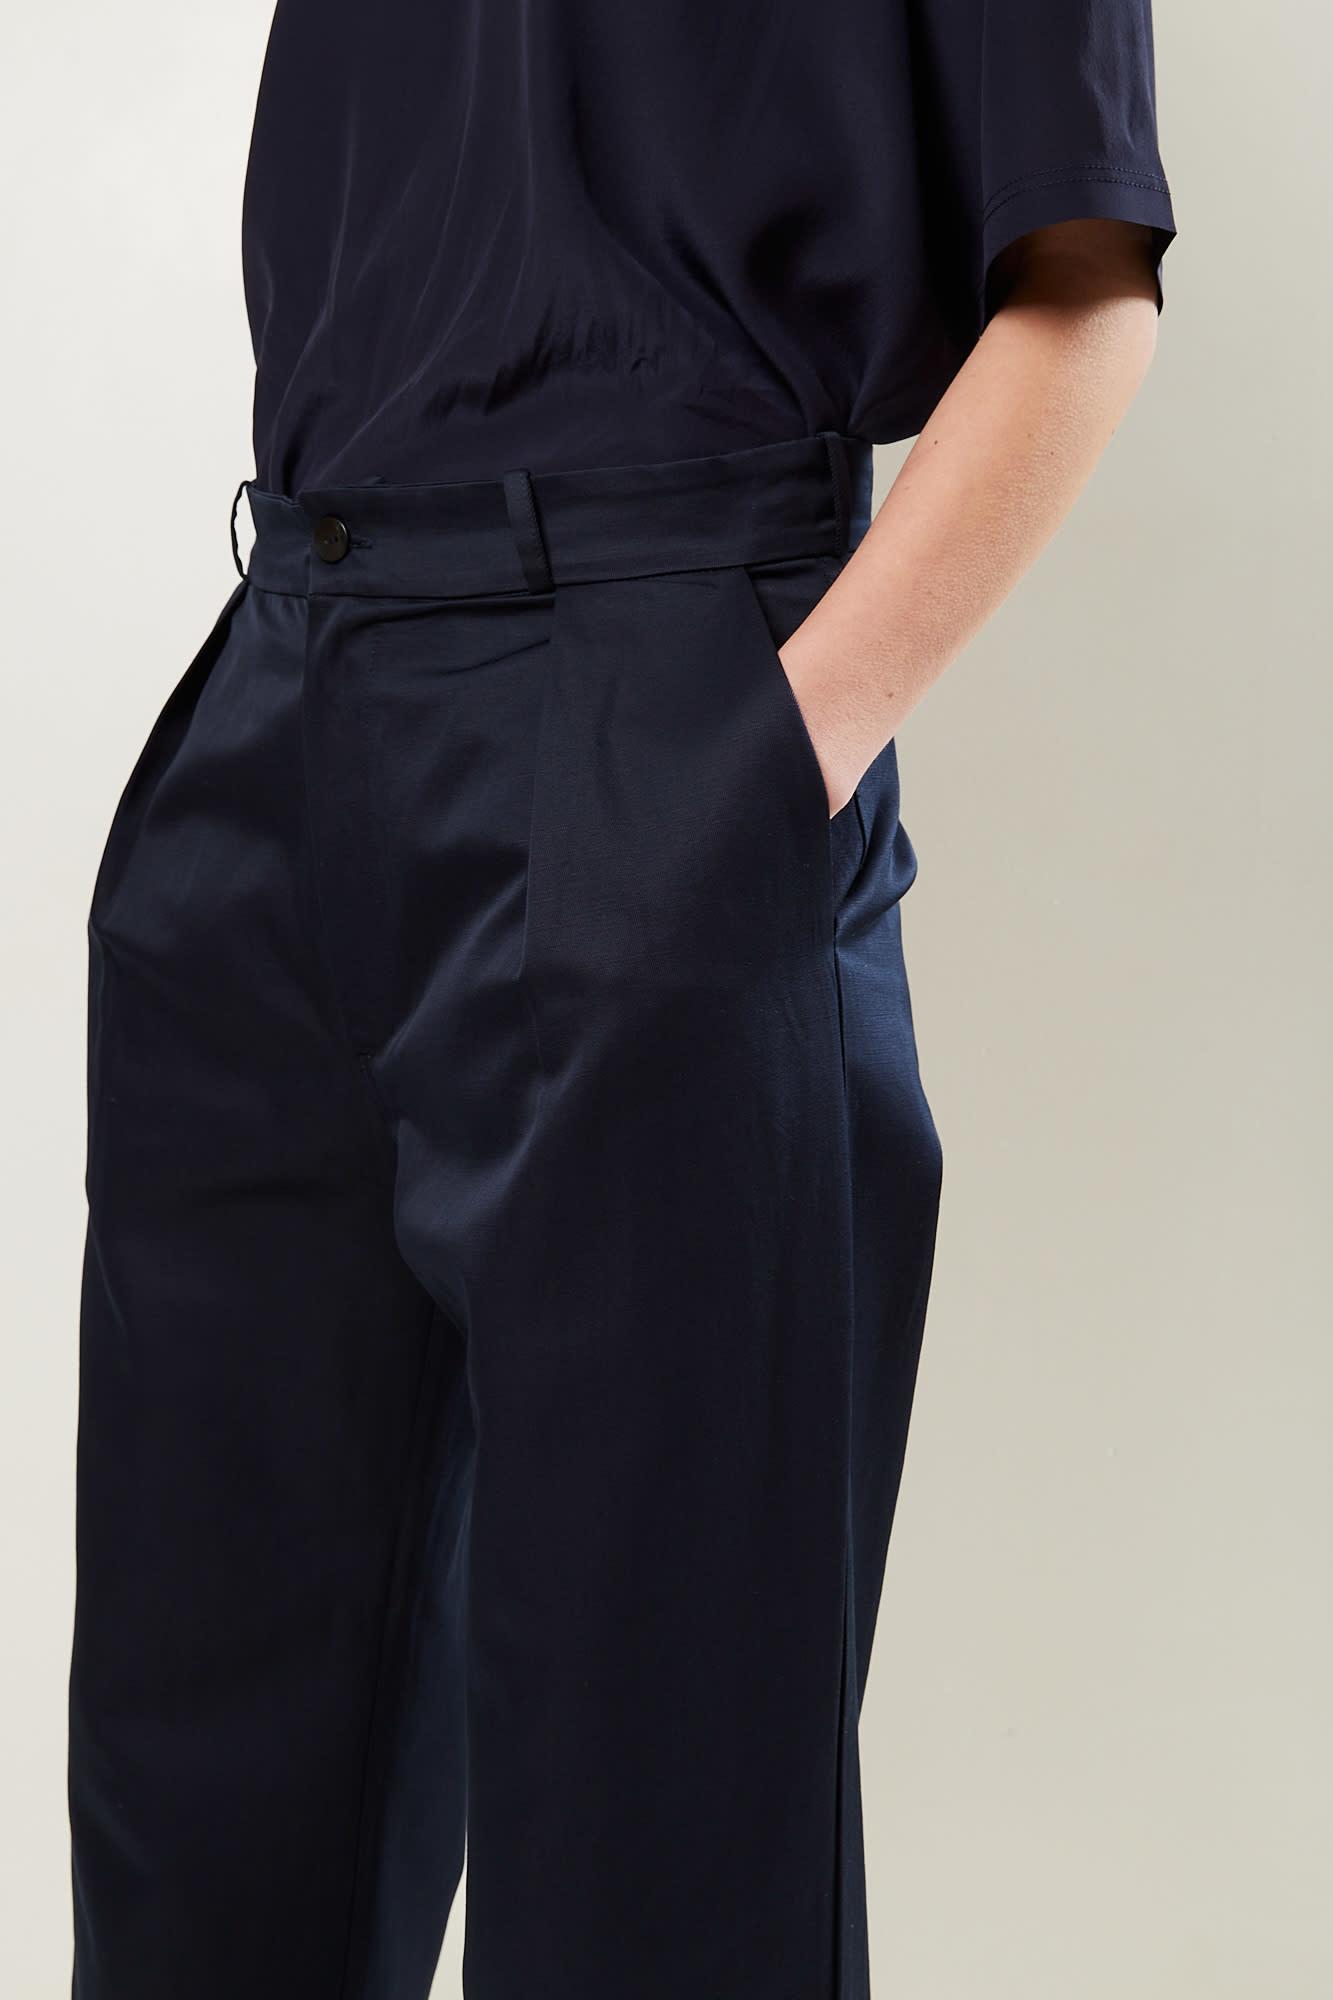 Monique van Heist - Natasja cotton linnen straight pants